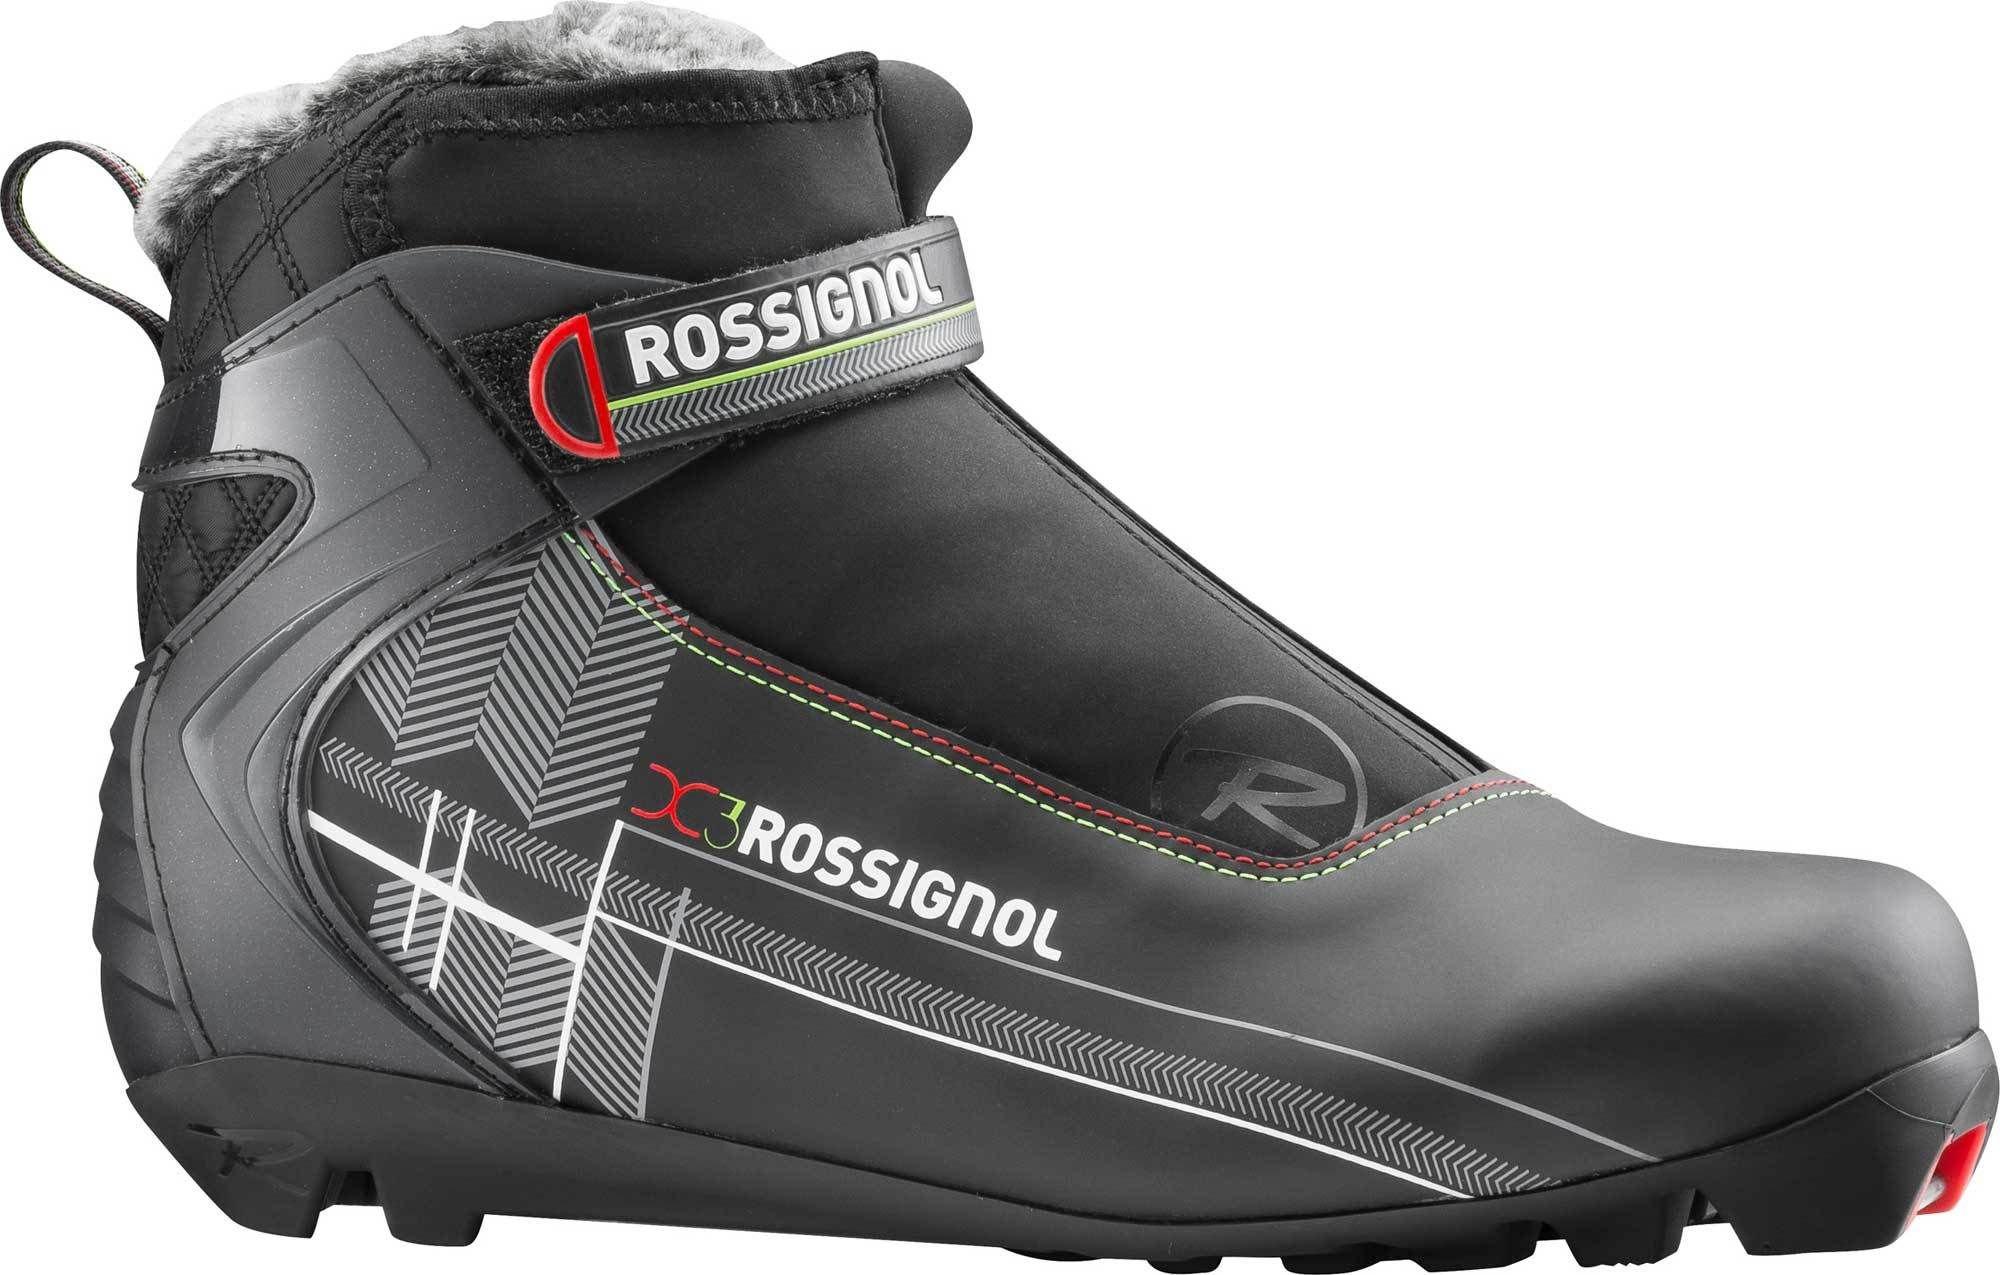 Rossignol Women's X-3 FW Boots